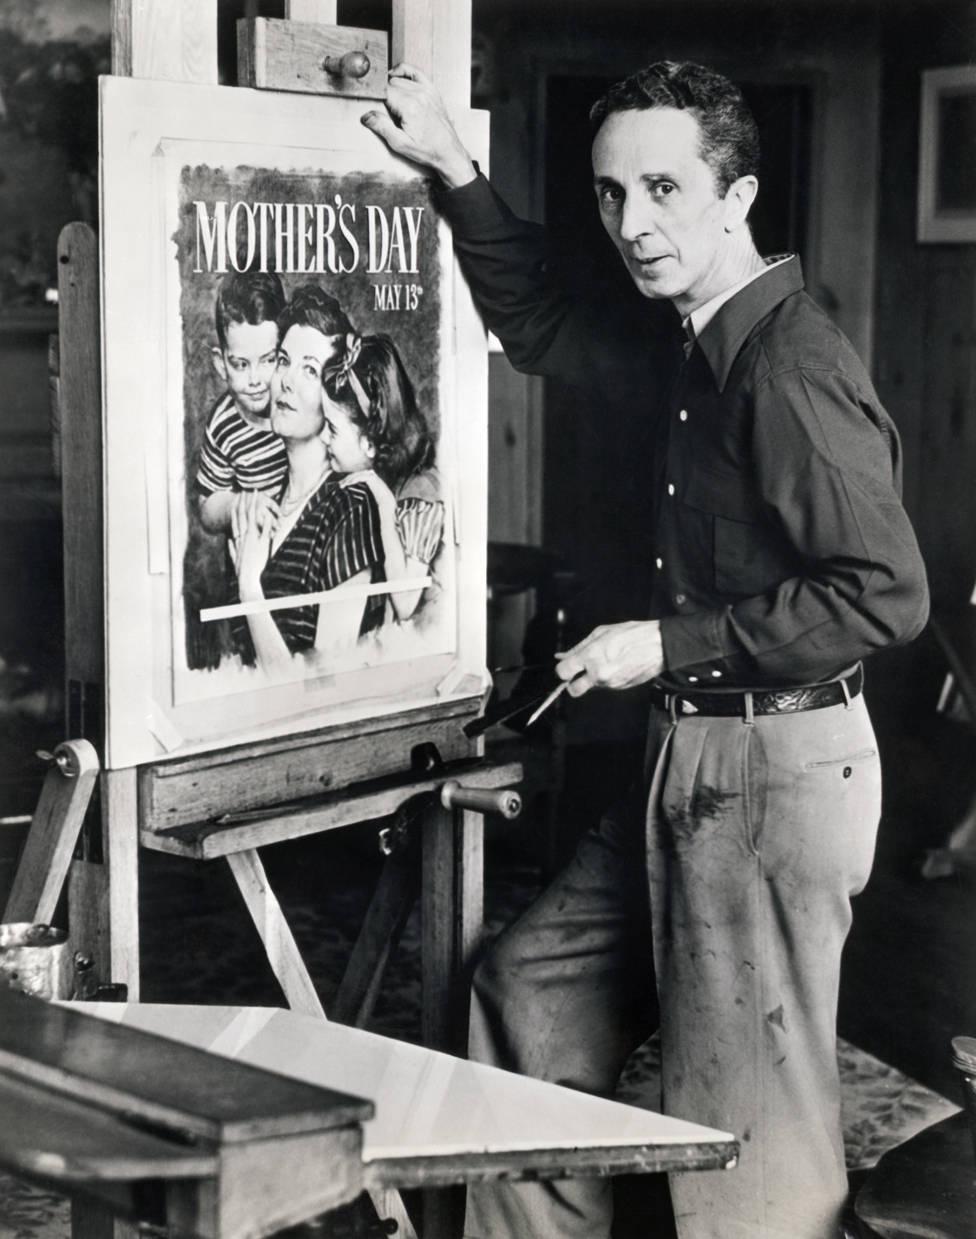 Norman Rockwell (1894-1978), pintor e ilustrador americano, trabalhando em um cartaz oficial do dia das mães de 1951